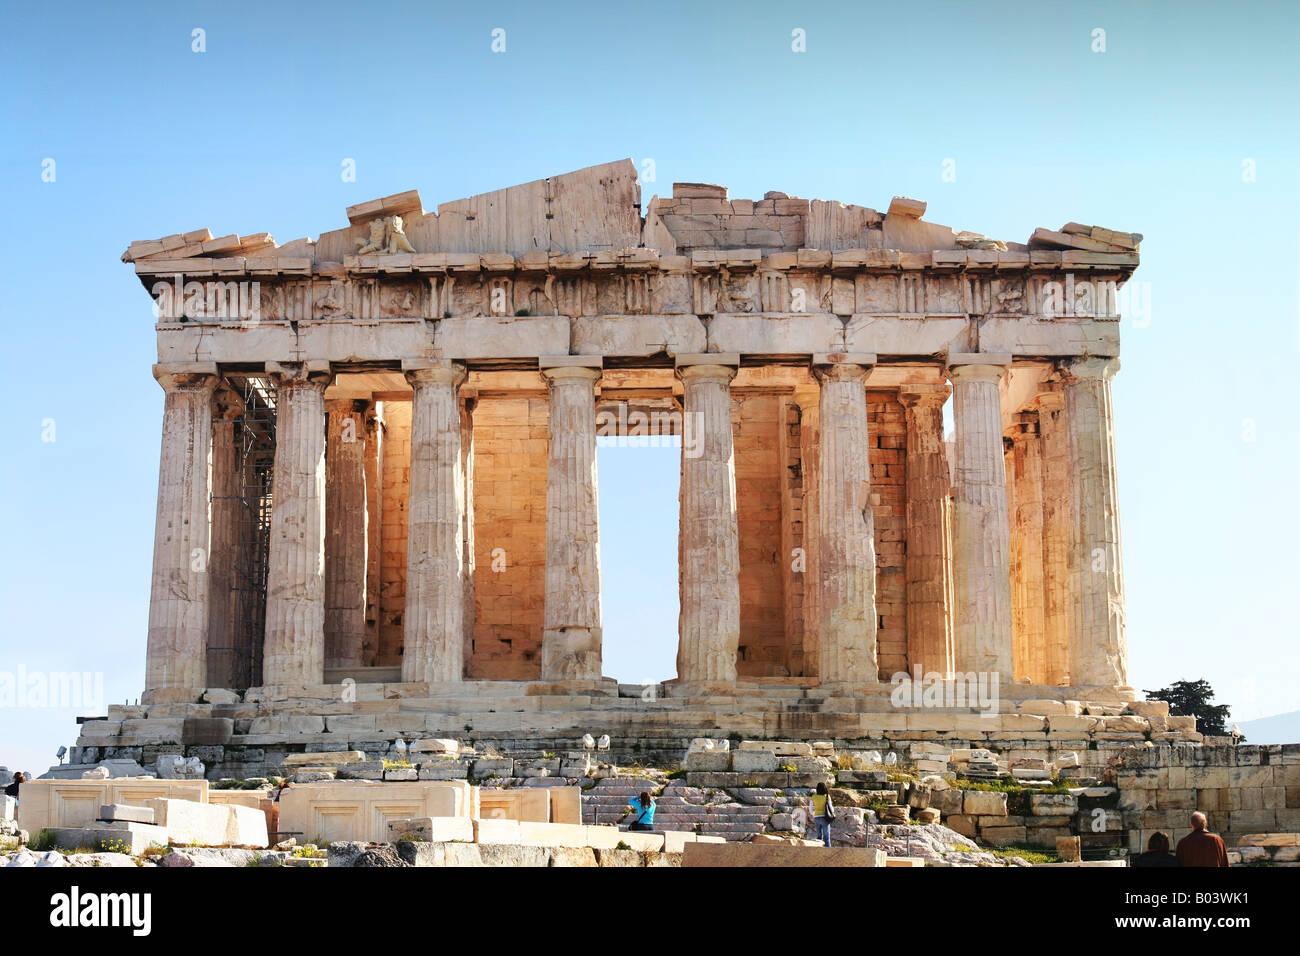 Acropoli ora il Partenone antico tempio, il punto focale dell'Acropoli di Atene in Grecia. Immagini Stock